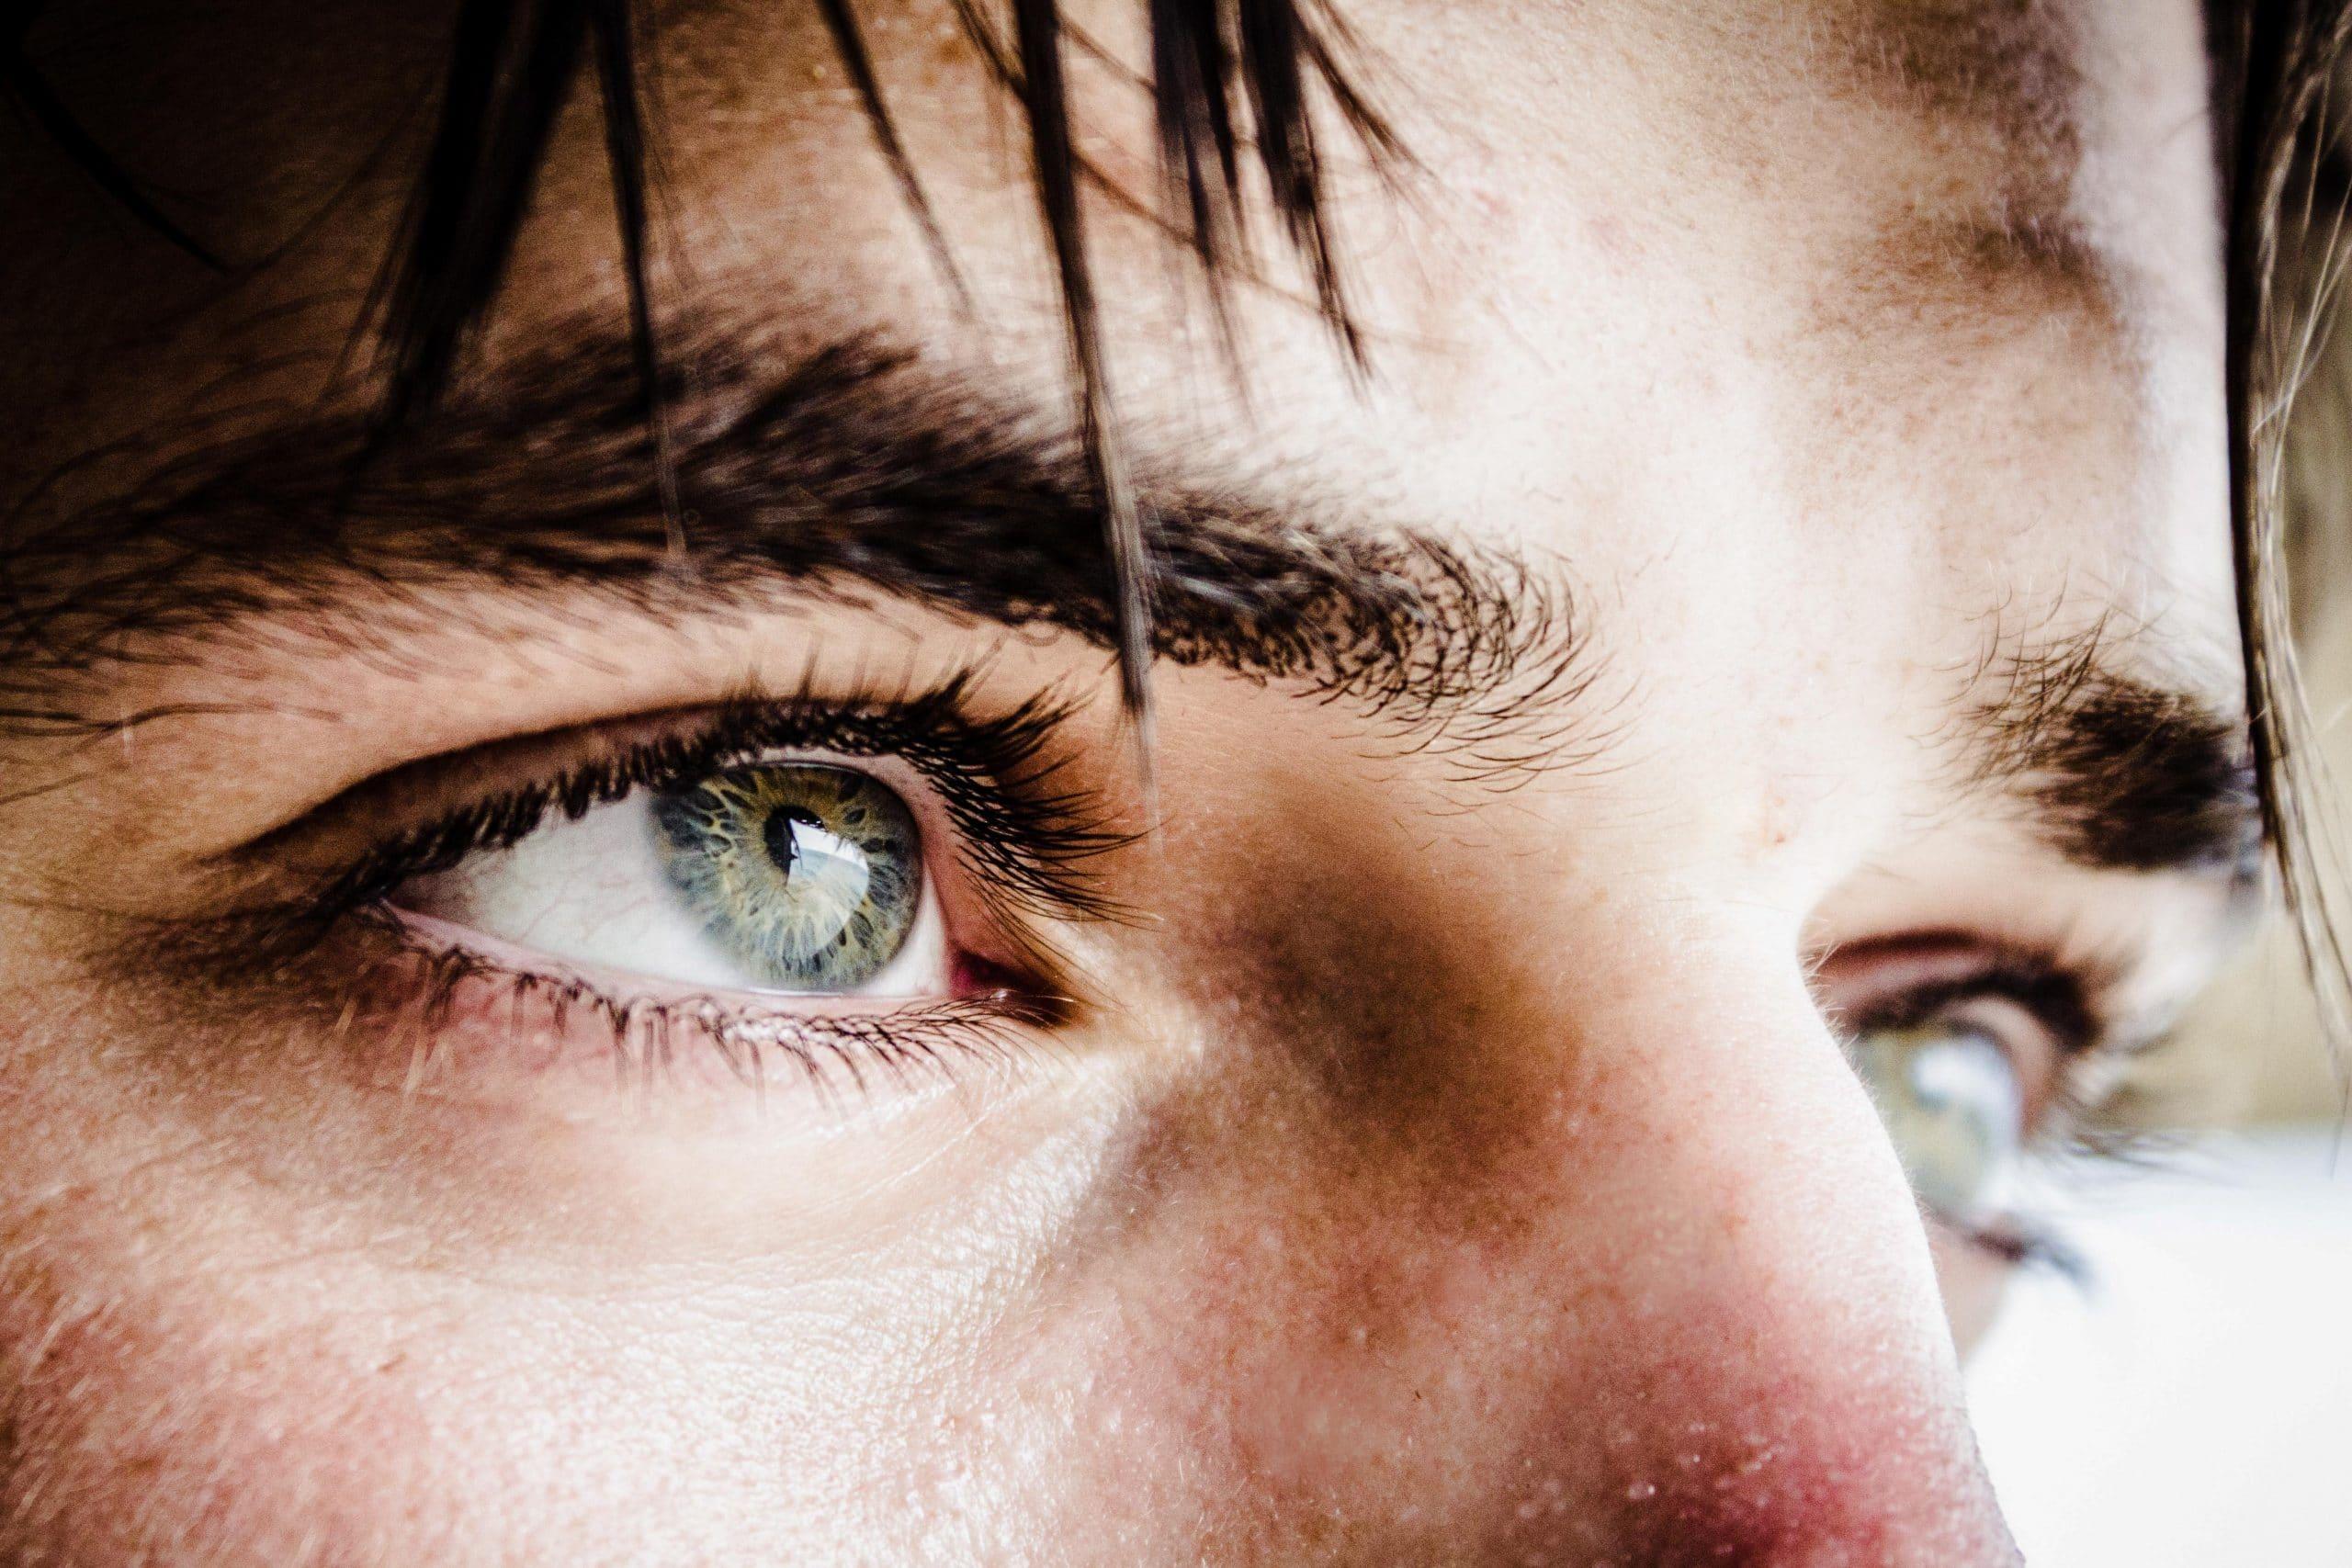 acuitatea vizuală a fiecărui ochi)